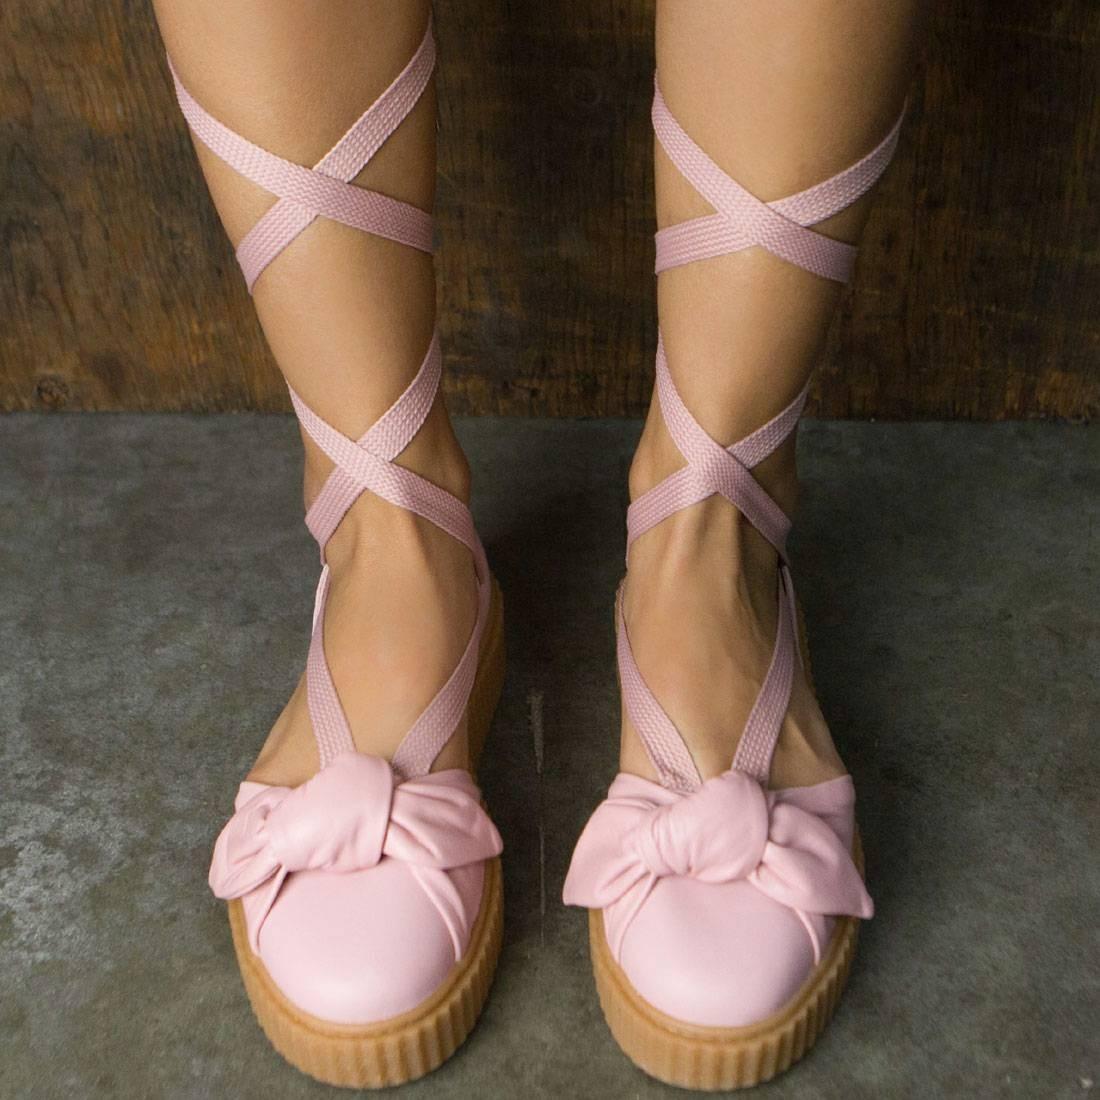 5c43867bc029 Puma x Fenty By Rihanna Women Bow Creeper Sandal (silver   pink   oatmeal)